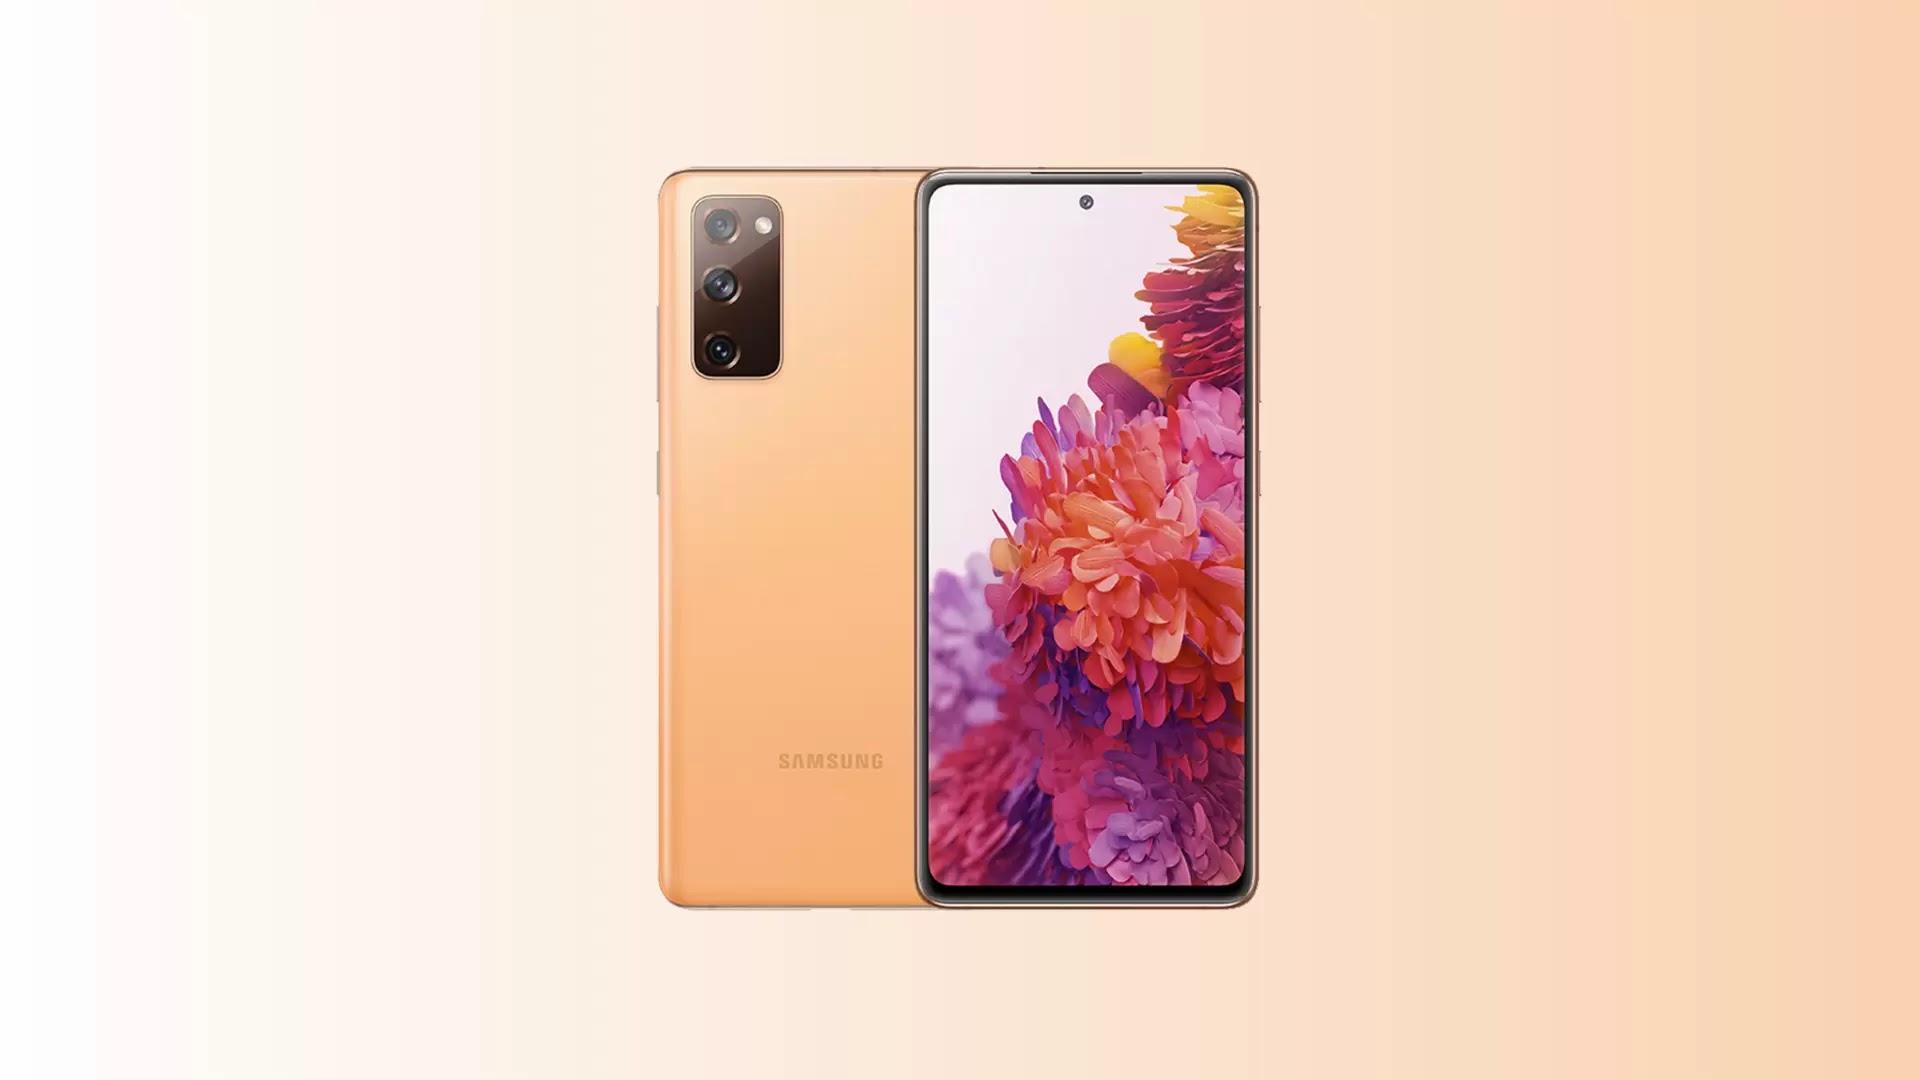 জার্মানি, মালয়েশিয়া এবং ভিয়েতনামে Samsung Galaxy S20 FE 4G স্মার্টফোনটি হয়েছে লঞ্চ